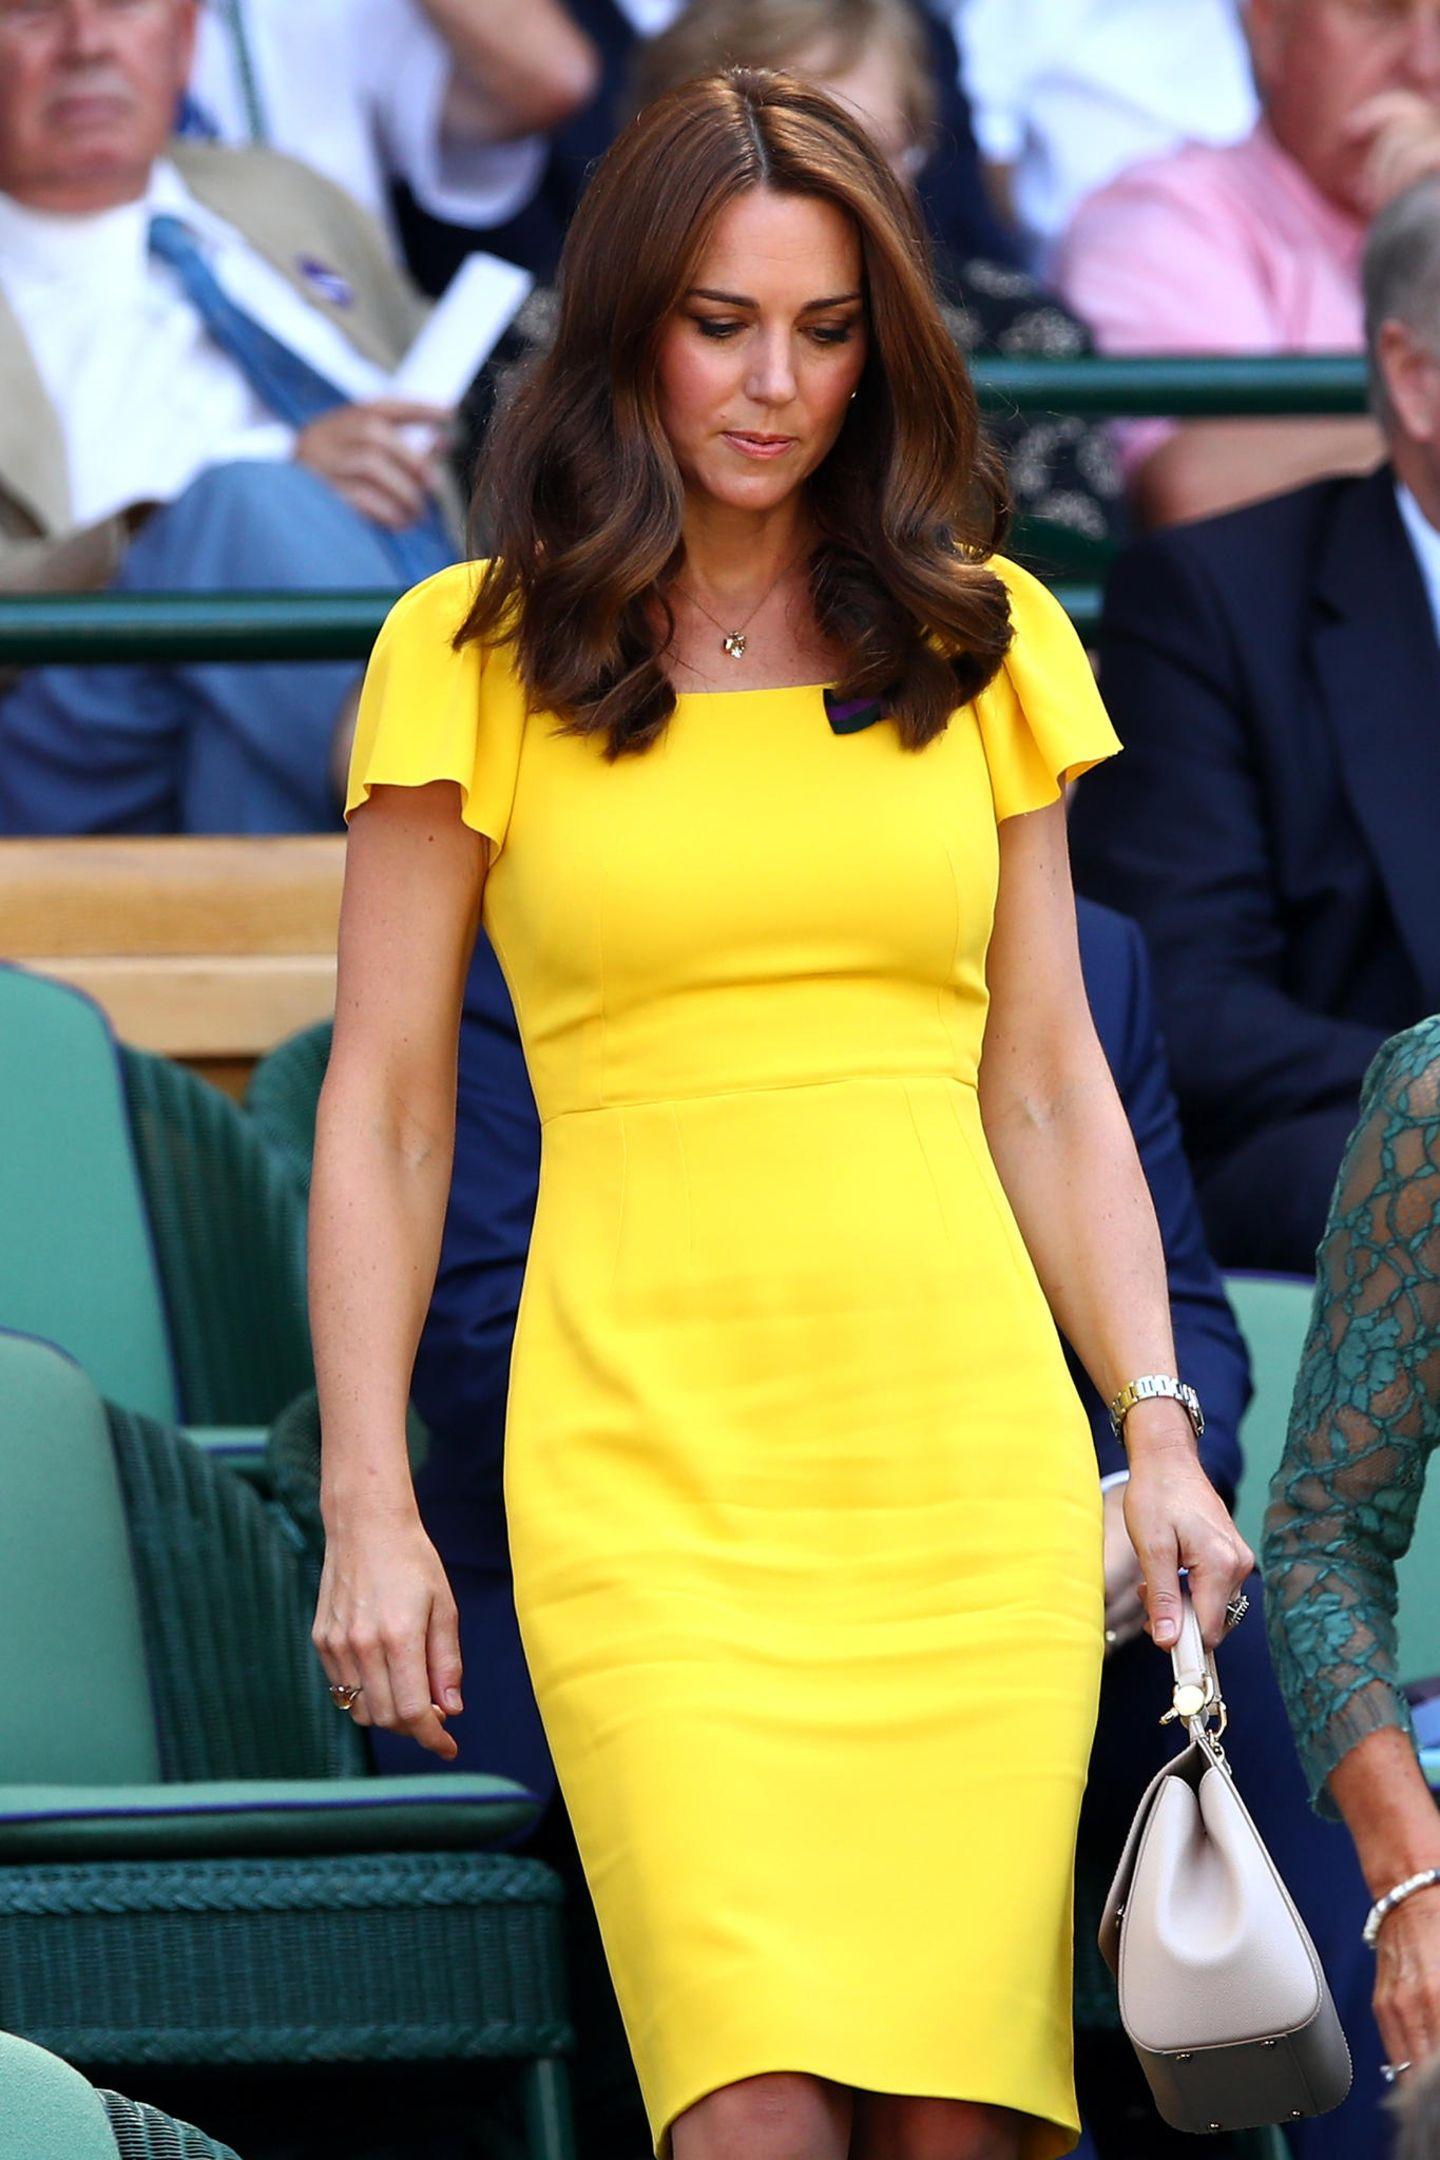 Zum Wimbledon im Jahr 2018 zeigte sich Kate bereits schon einmal in dem hübschen Kleid mit Flügelärmeln und tailliertem Schnitt von Dolce & Gabbana.